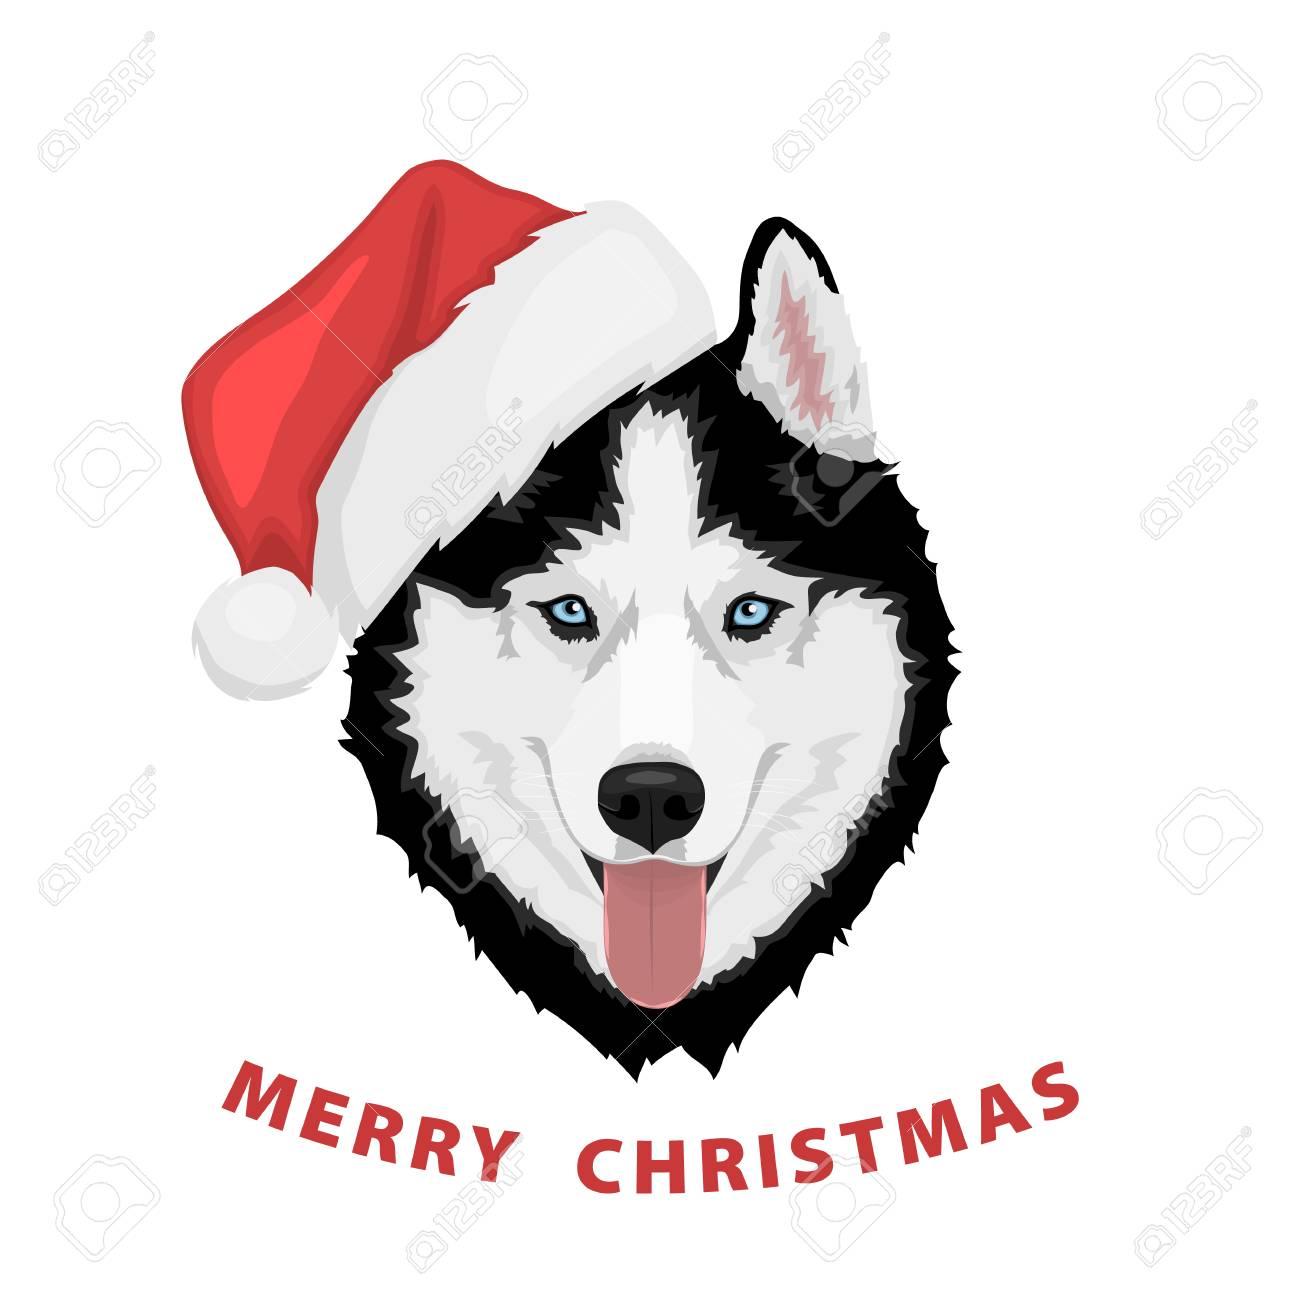 Portrait De Chien Dans Un Chapeau Rouge Du Père Noël Husky Sibérien Noir Et Blanc Aux Yeux Bleus Joyeux Noel Et Bonne Année Le Chien Est Un Symbole